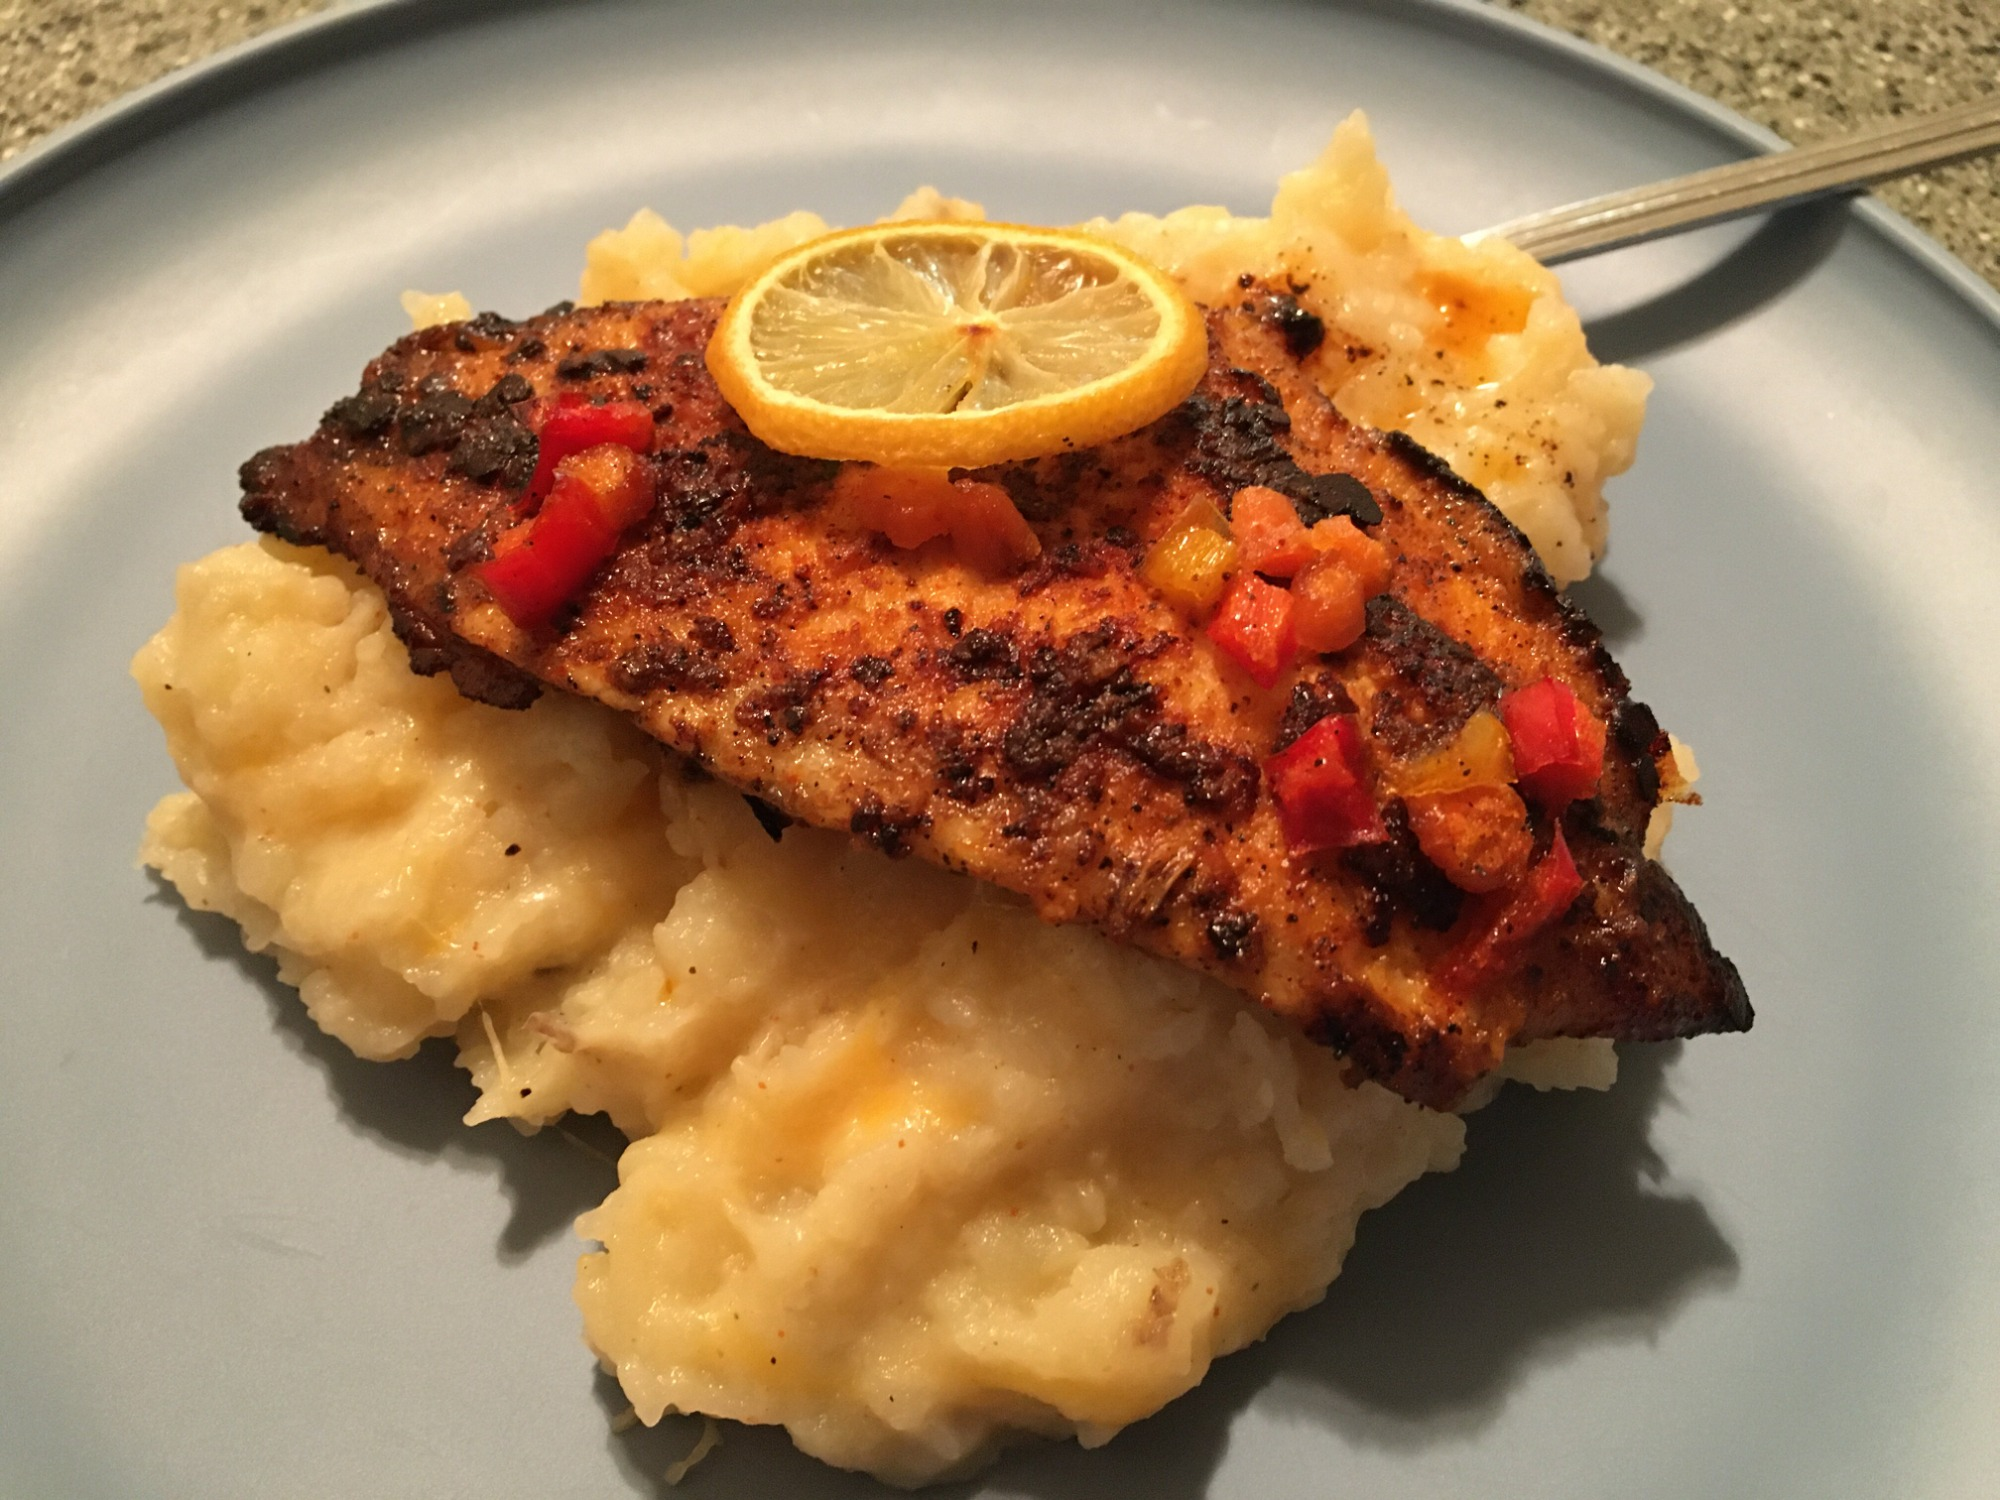 fish recipe 5 image 4